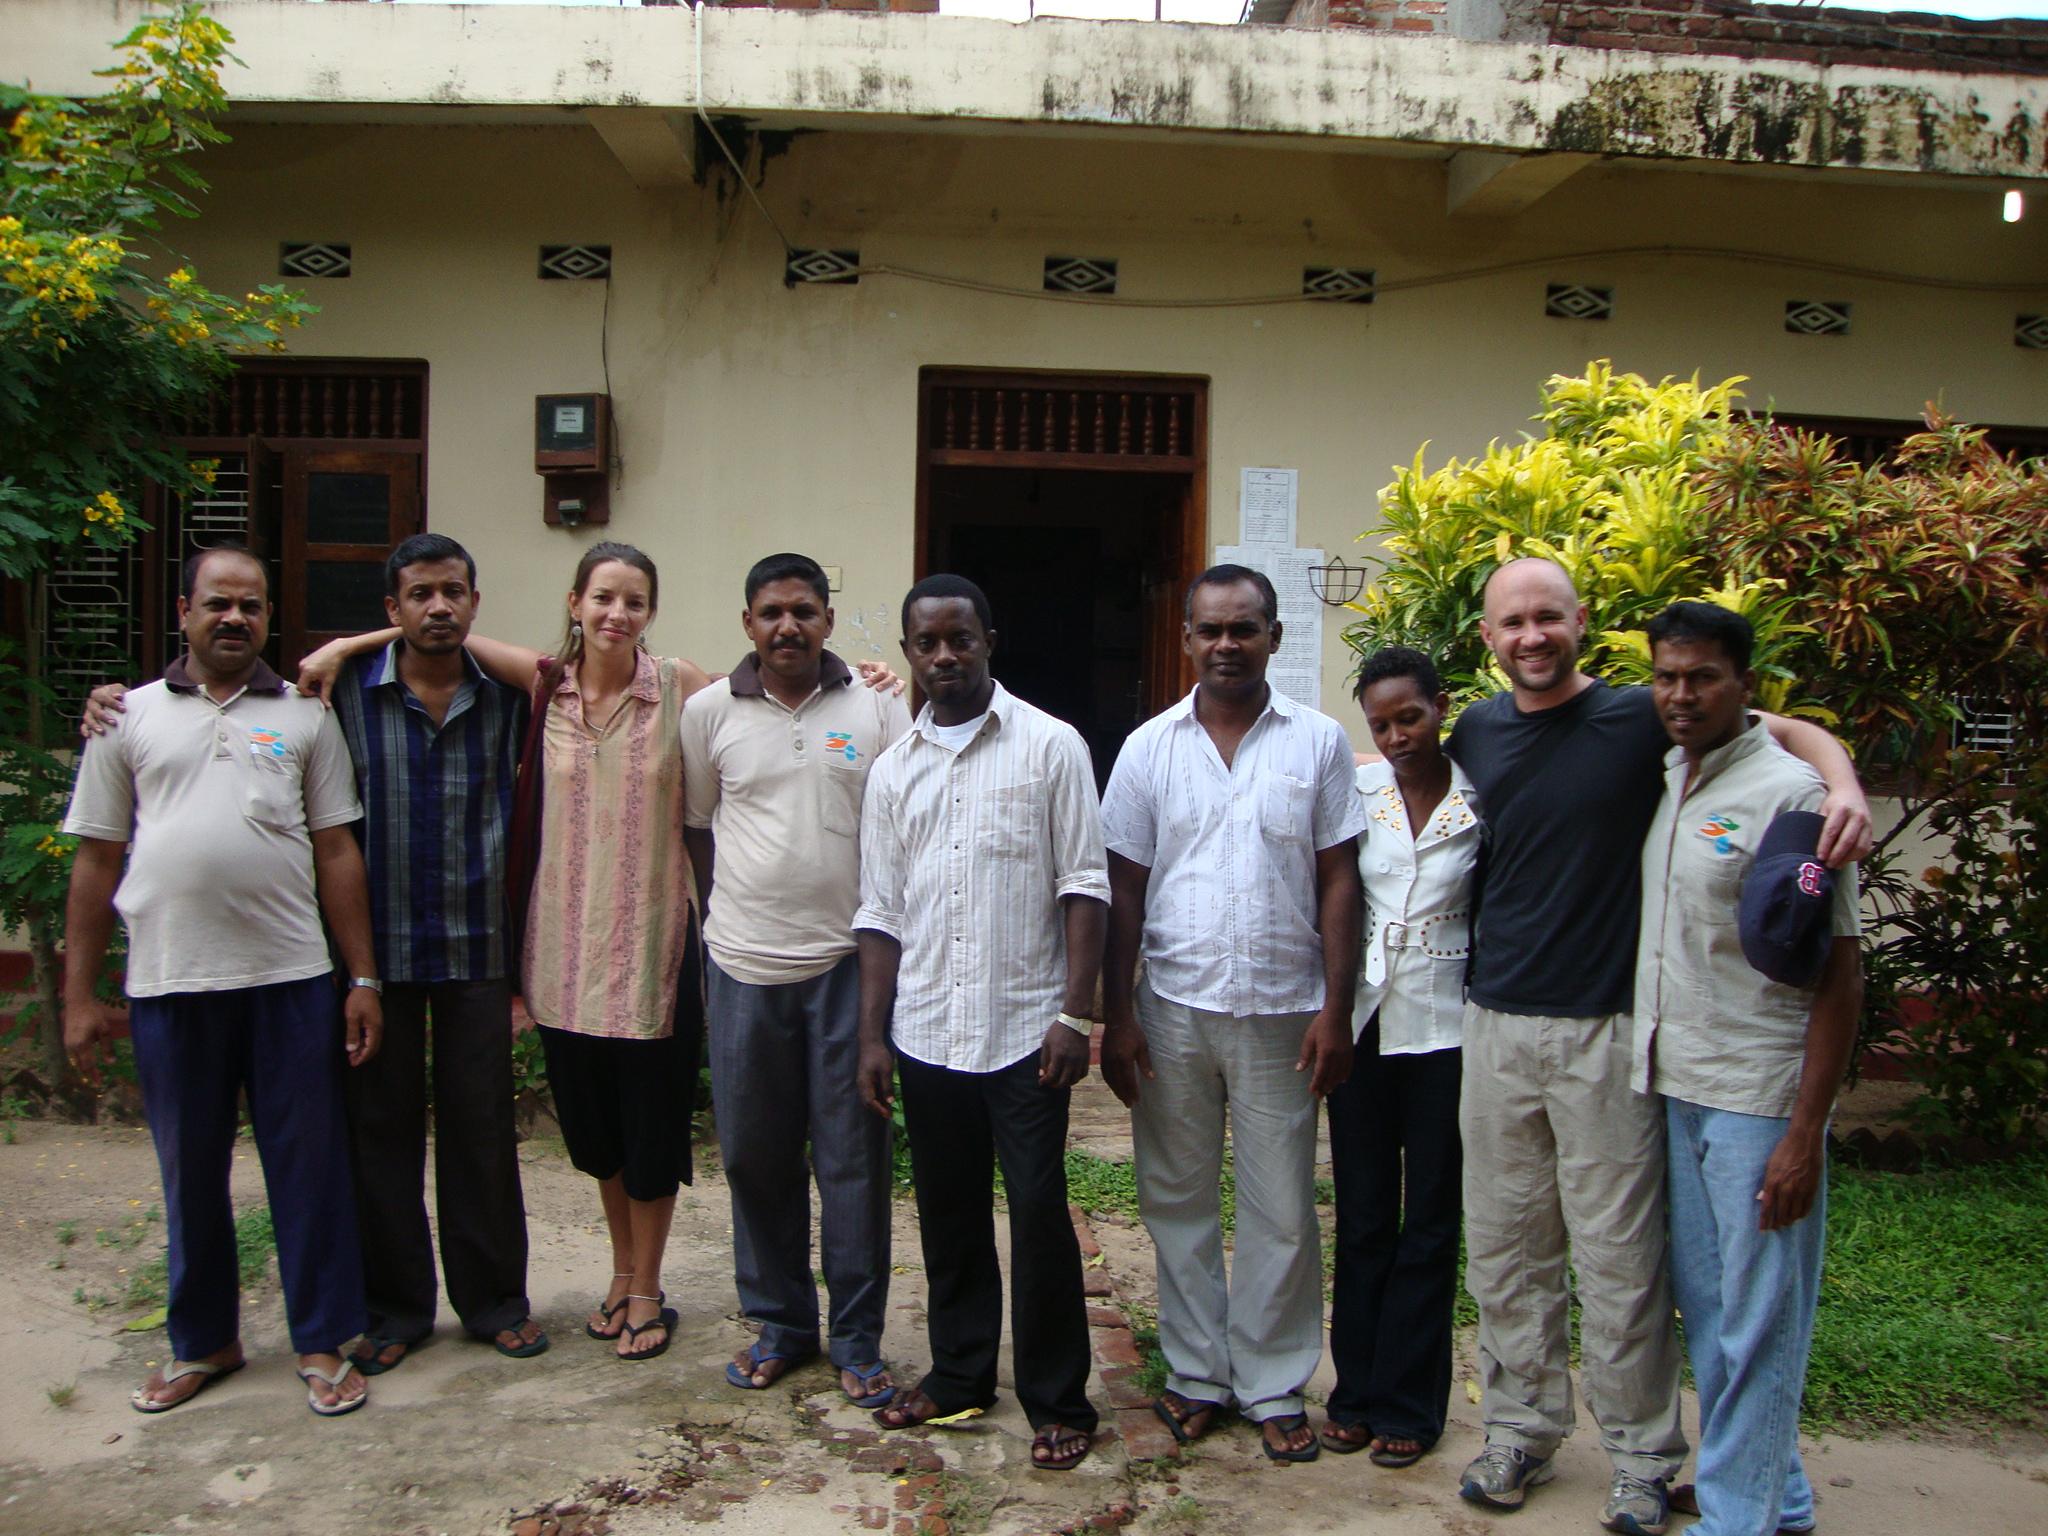 Fernanda e Robert com o grupo de trabalho do Sri Lanka - Proteção Civil com a ONG Nonviolent Peaceforce (Foto: Arquivo Pessoal)